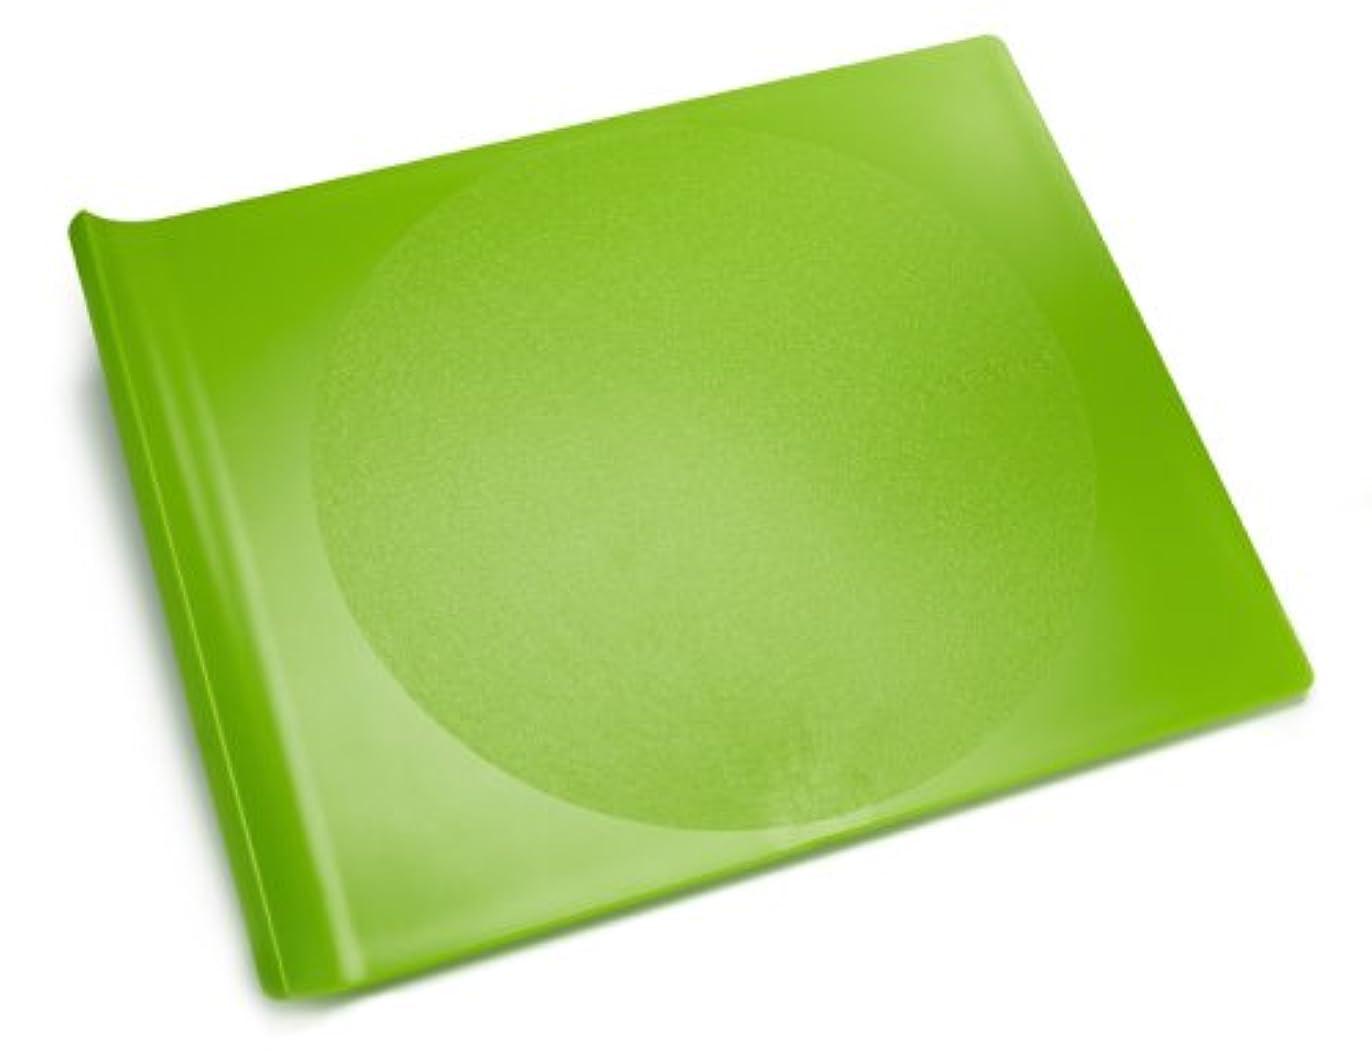 配列恐竜連結する海外直送品Cutting Board Plastic, Large Apple Green 1 CT by Preserve